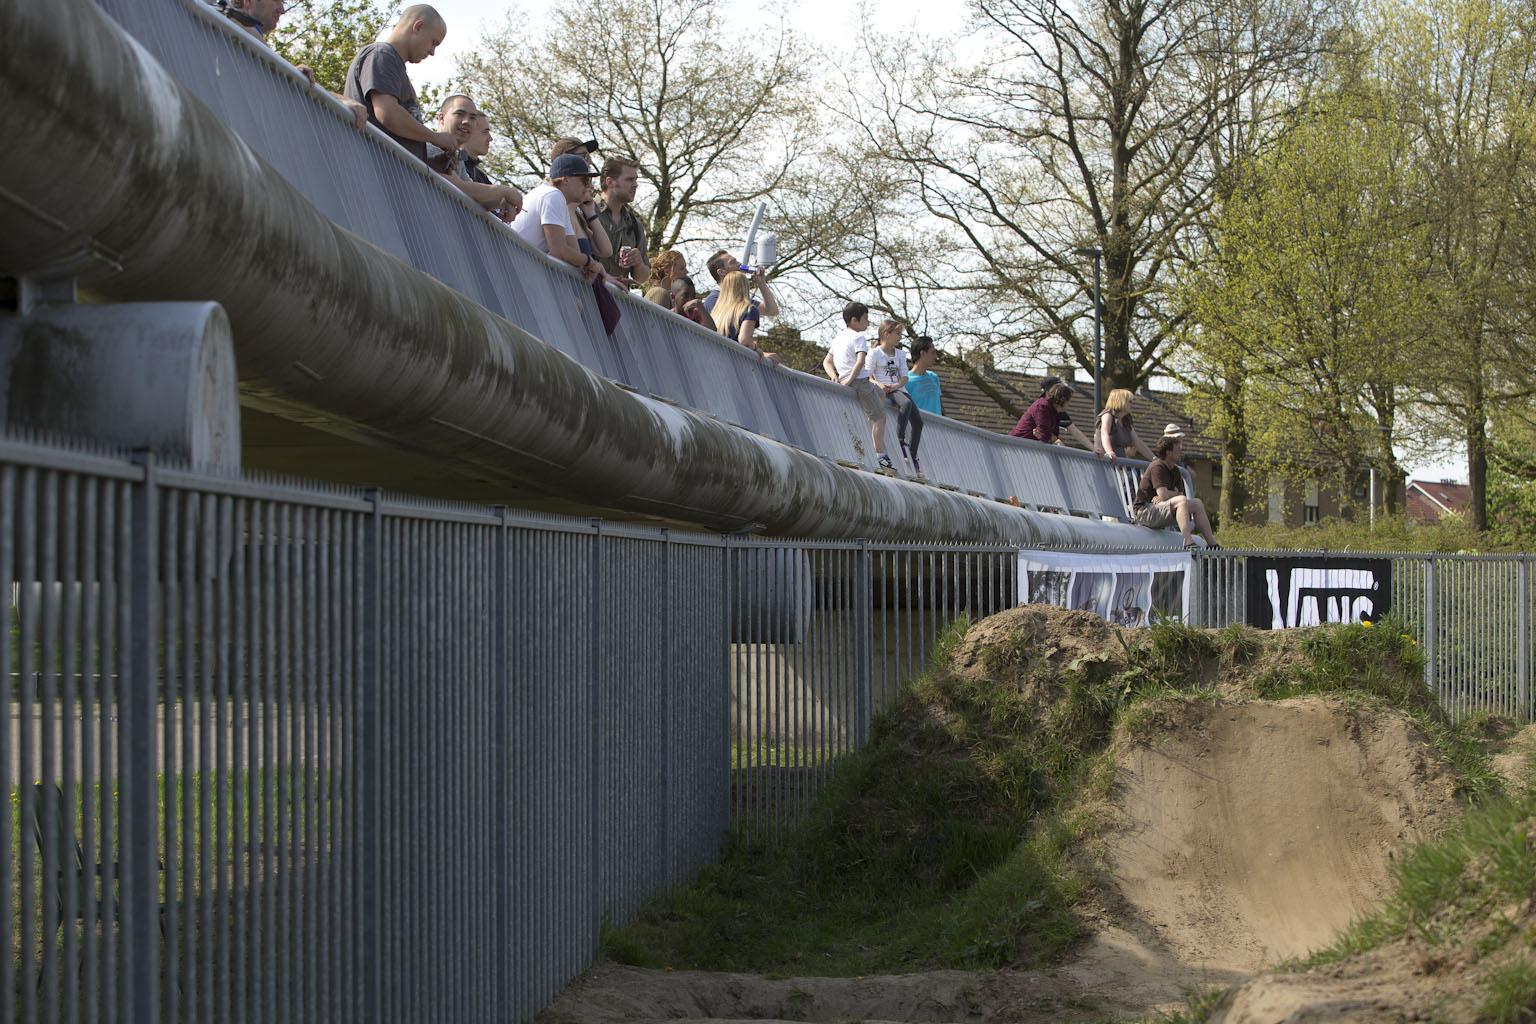 Brücke - Dutch Open Helmtrails